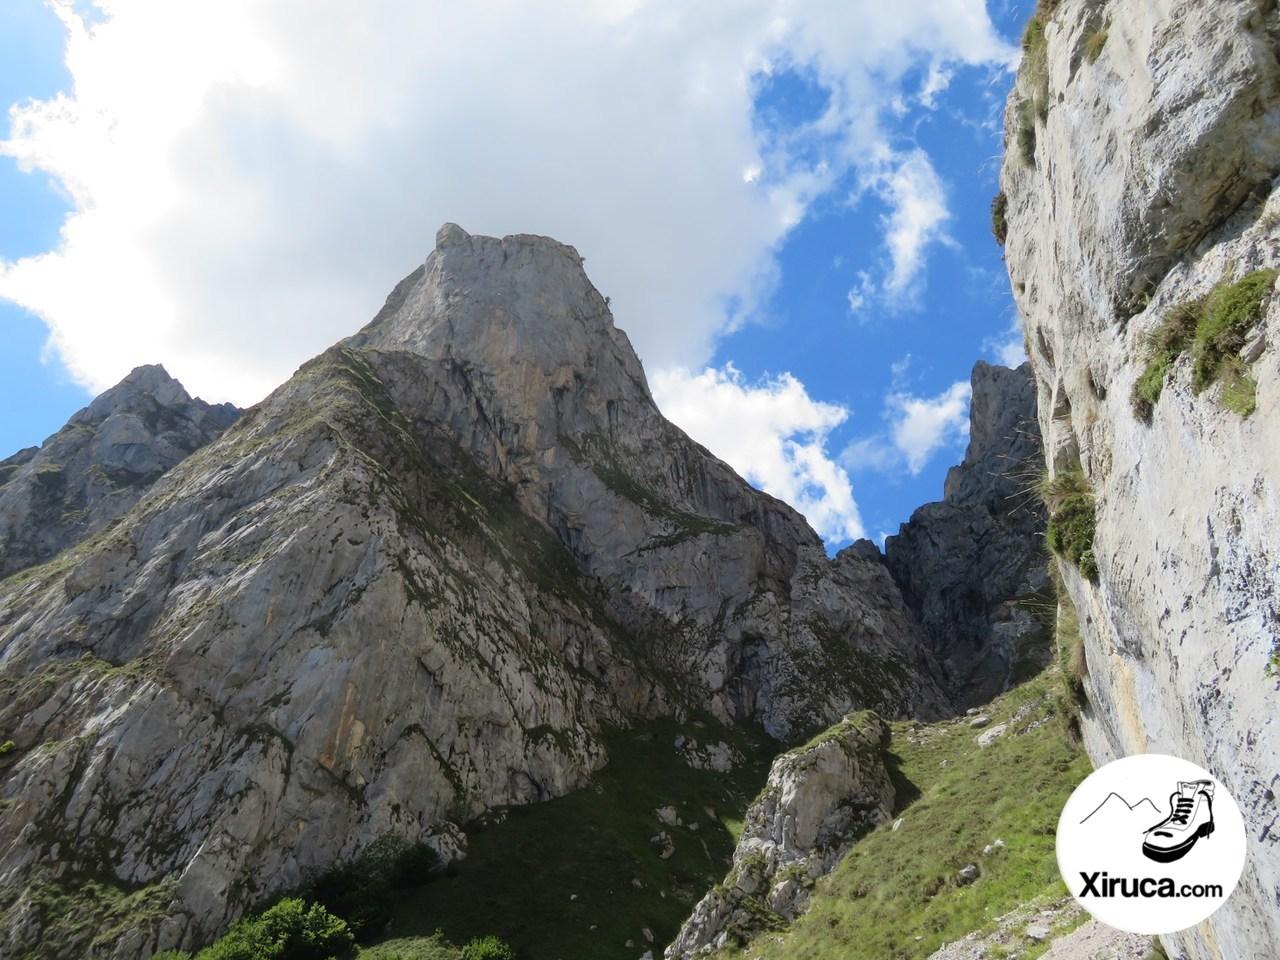 Mirada atrás en el descenso de los Tornos de Liordes